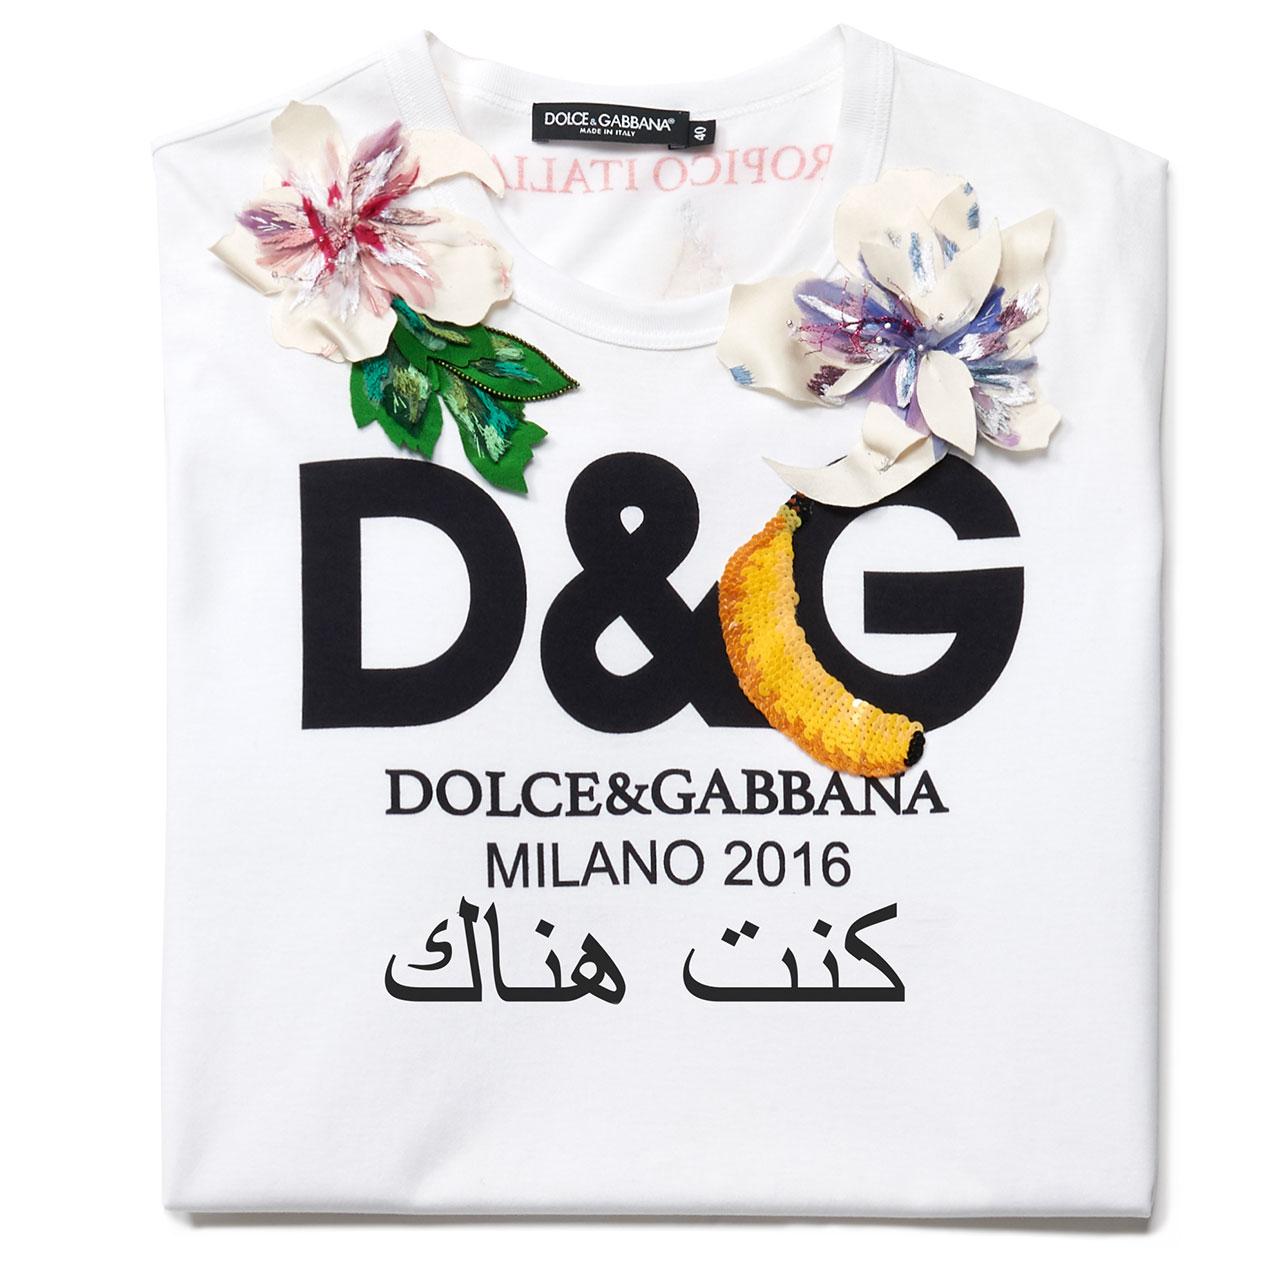 DG_image11